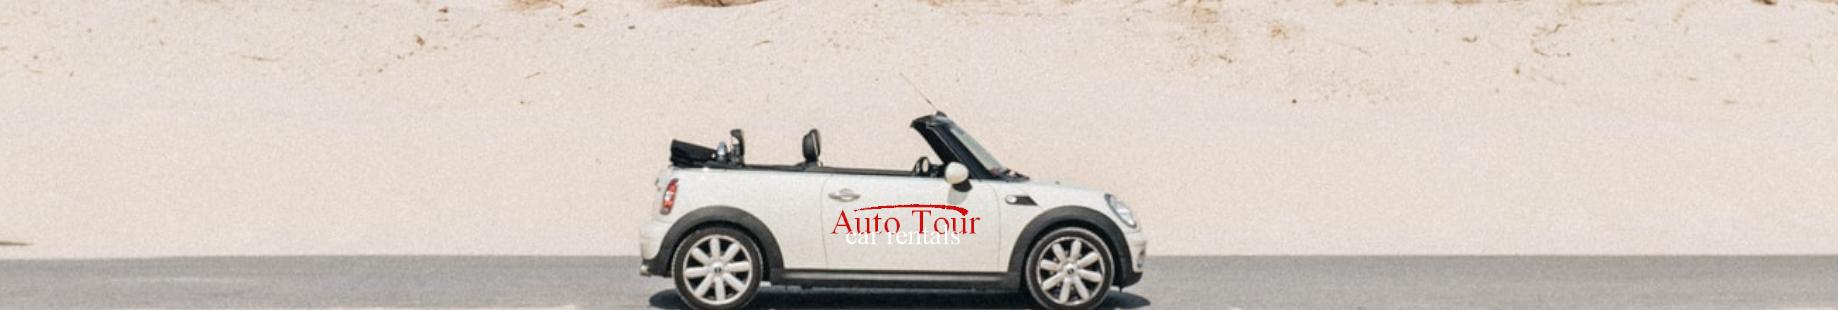 Car rental Autotour